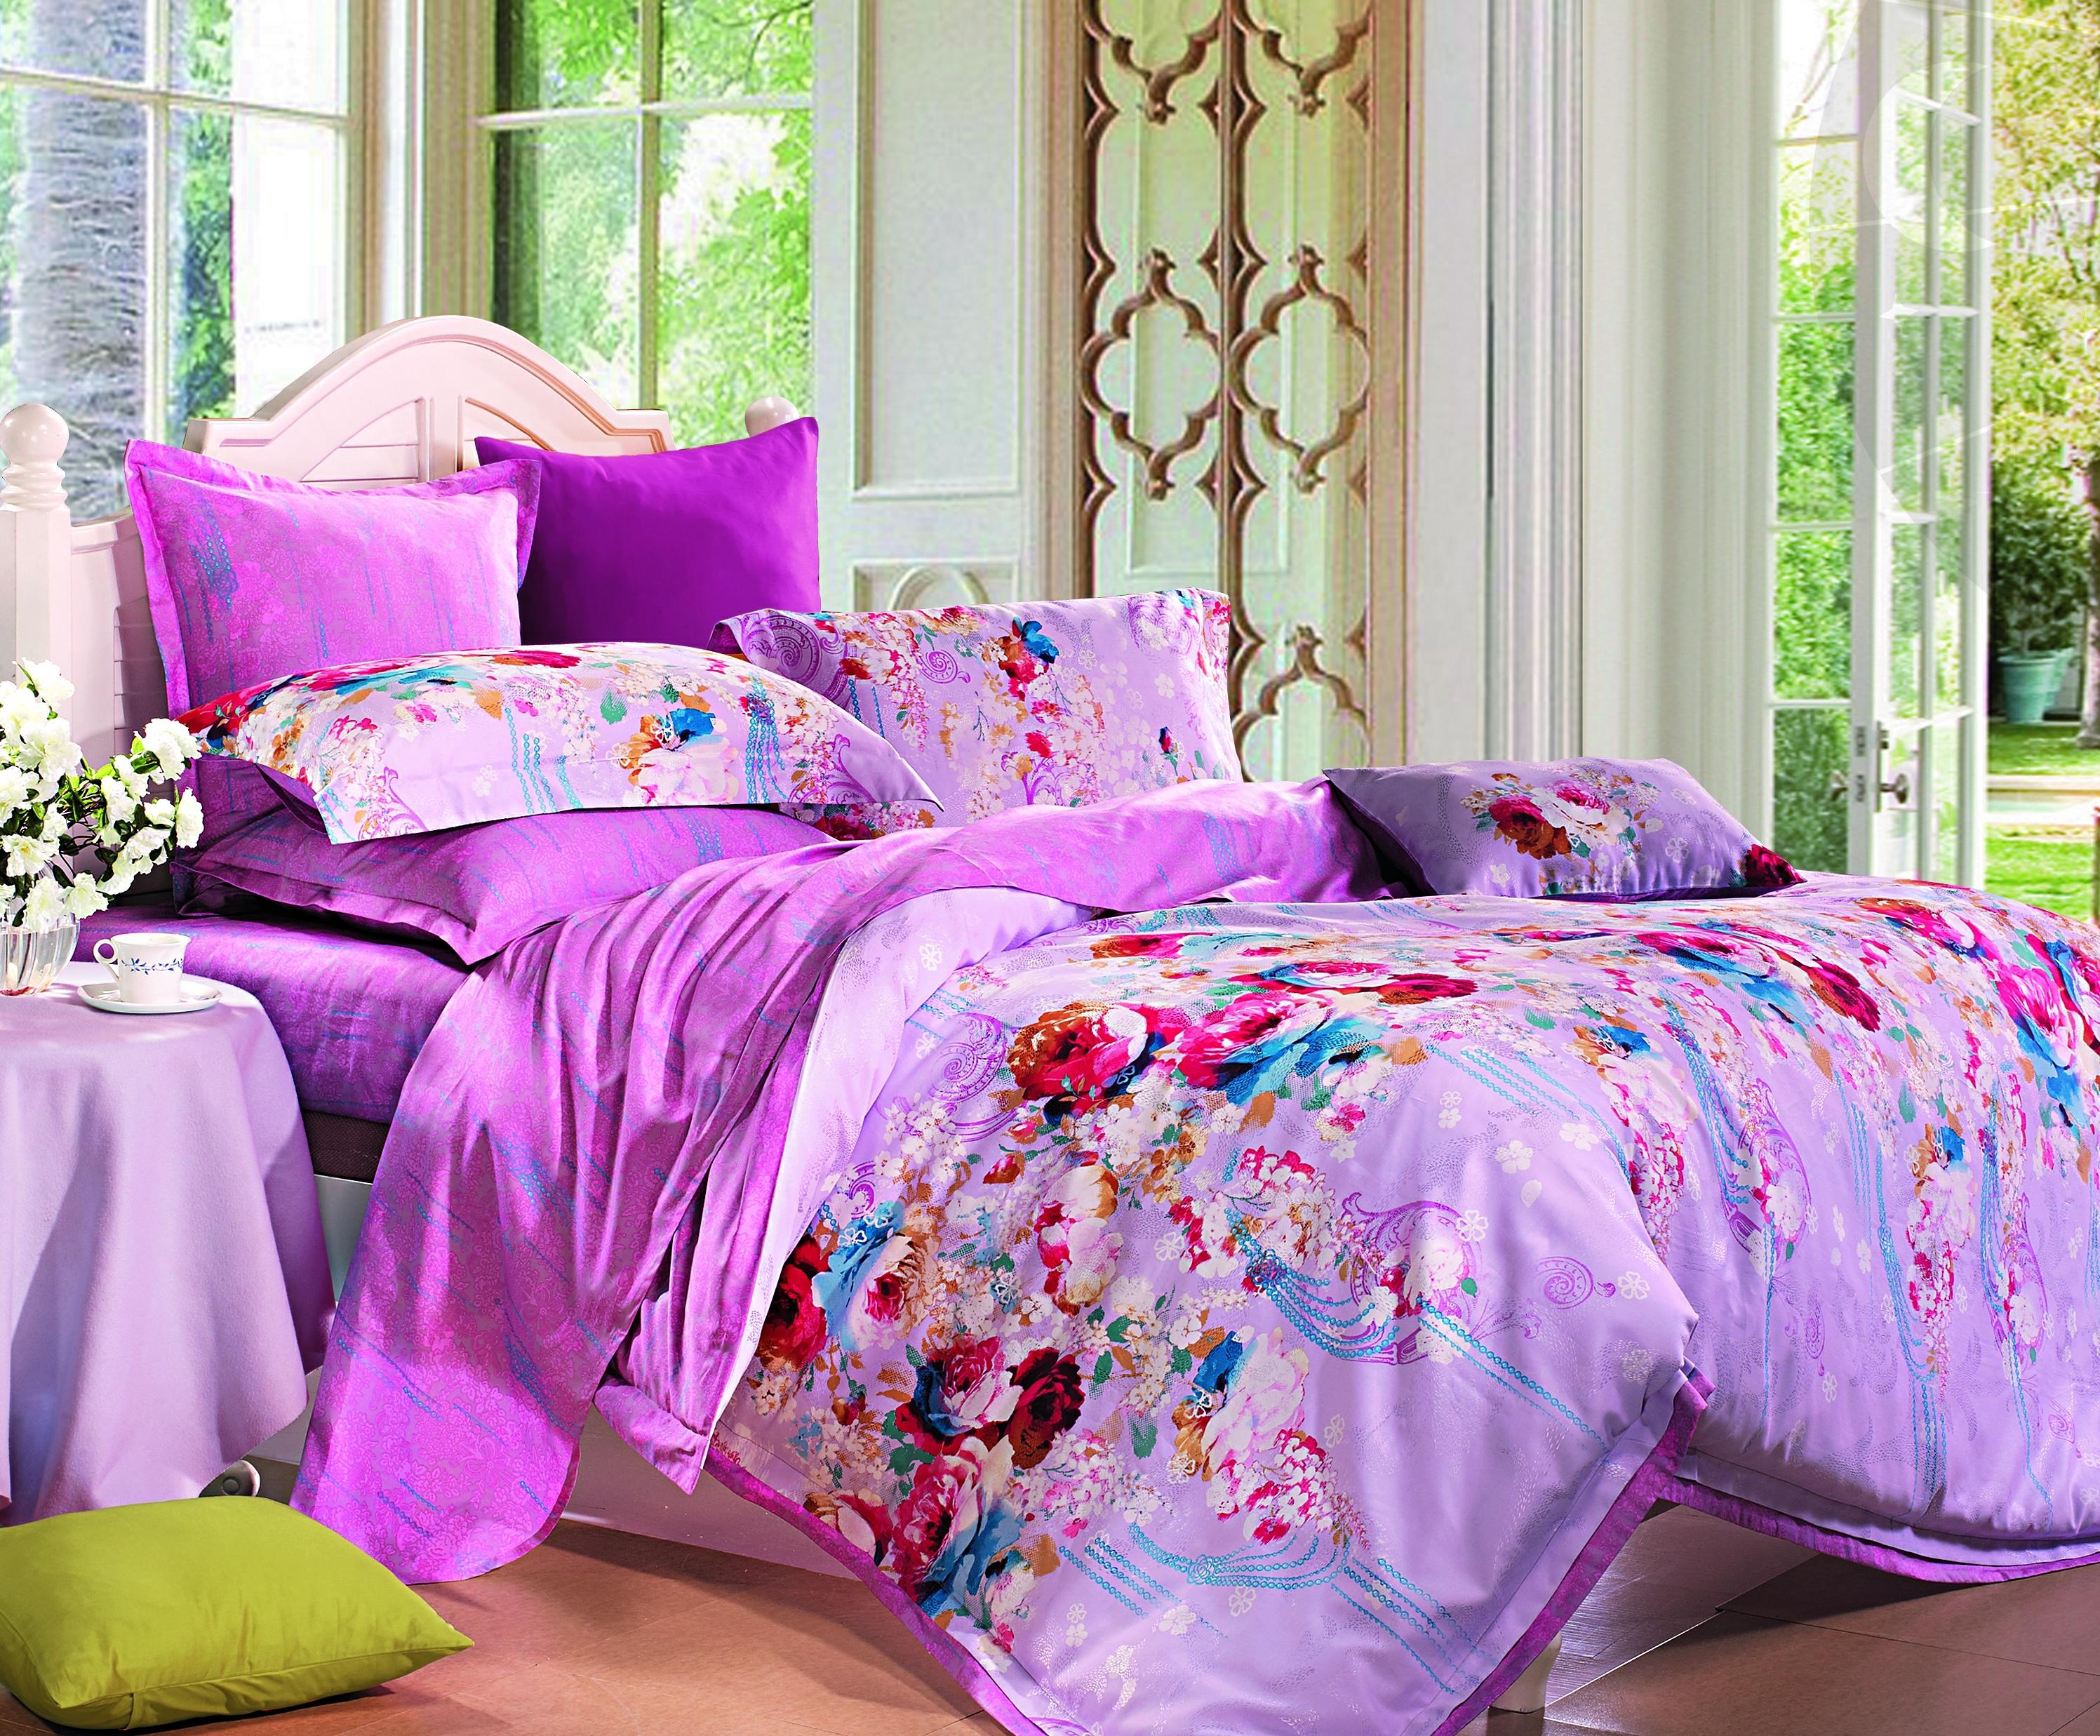 Купить Комплекты постельного белья СайлиД, Постельное белье Whitaker (2 спал.), Китай, Розовый, Хлопковый сатин